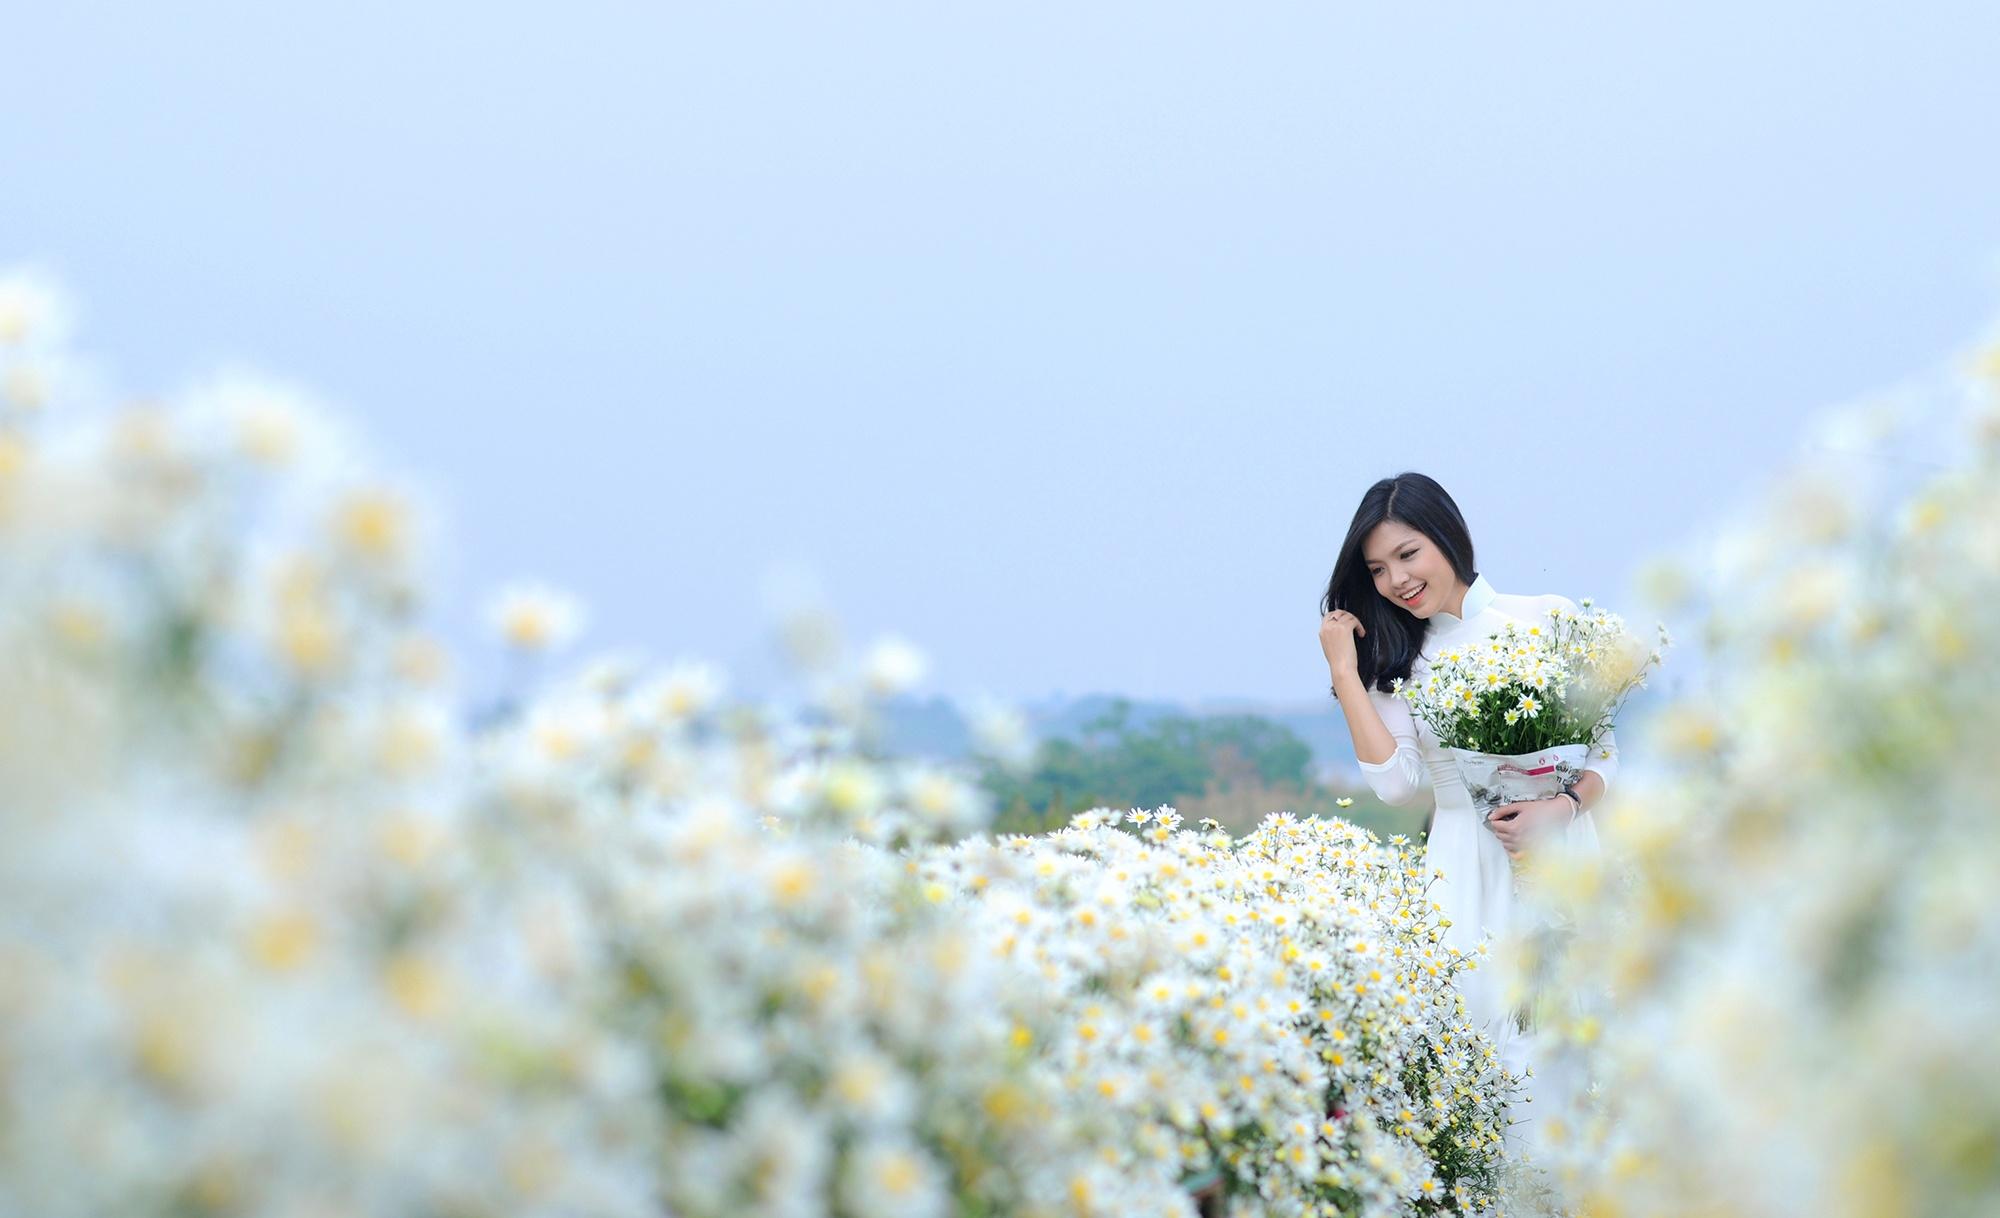 Xuyen xao mua cuc hoa mi don dong ve giua long Ha Noi hinh anh 1